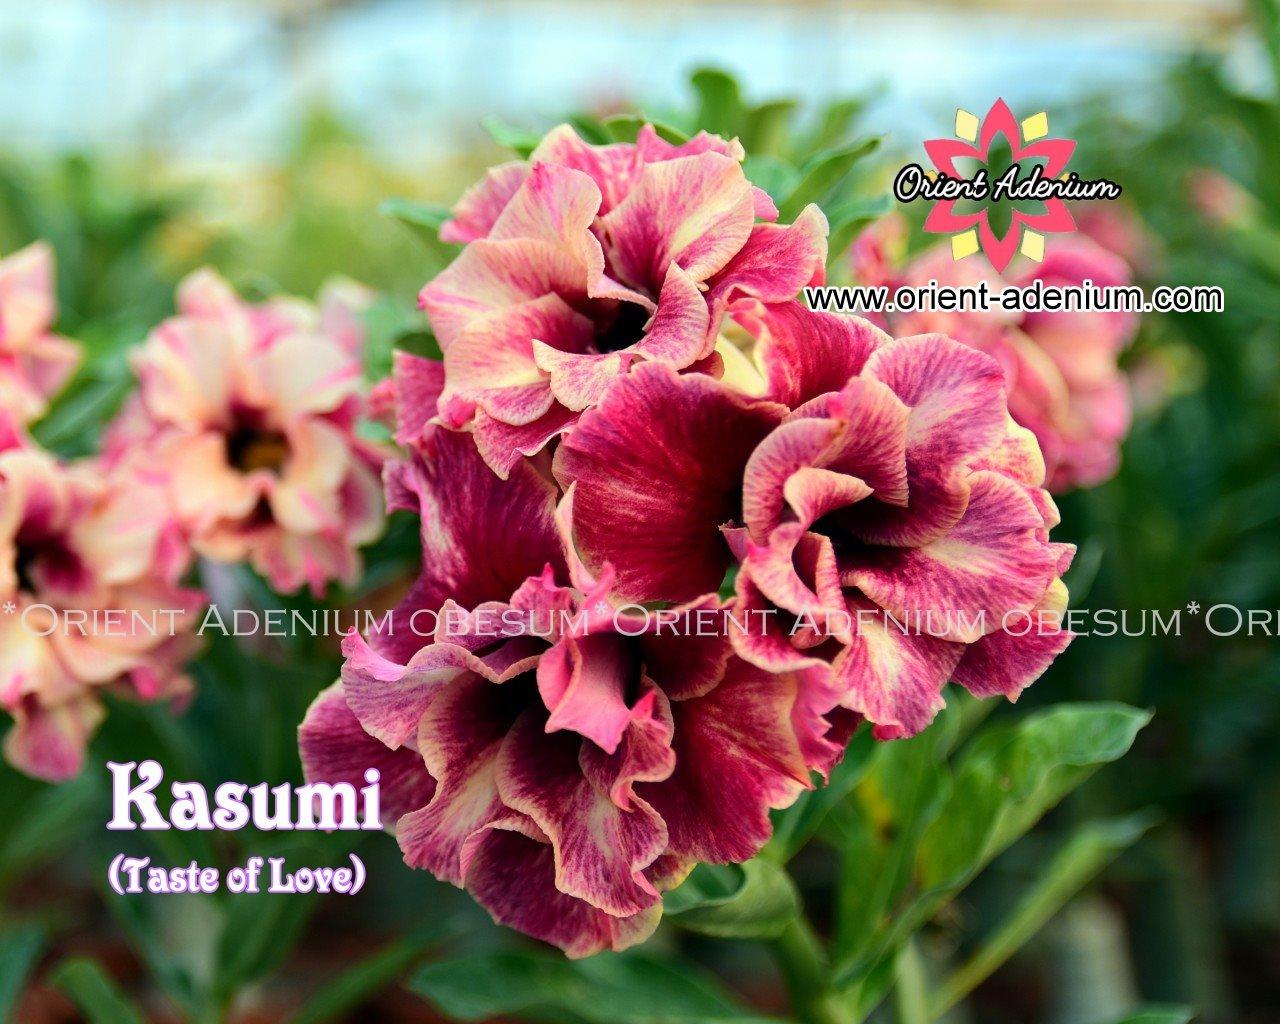 Прививка Taste of Love (Kasumi)